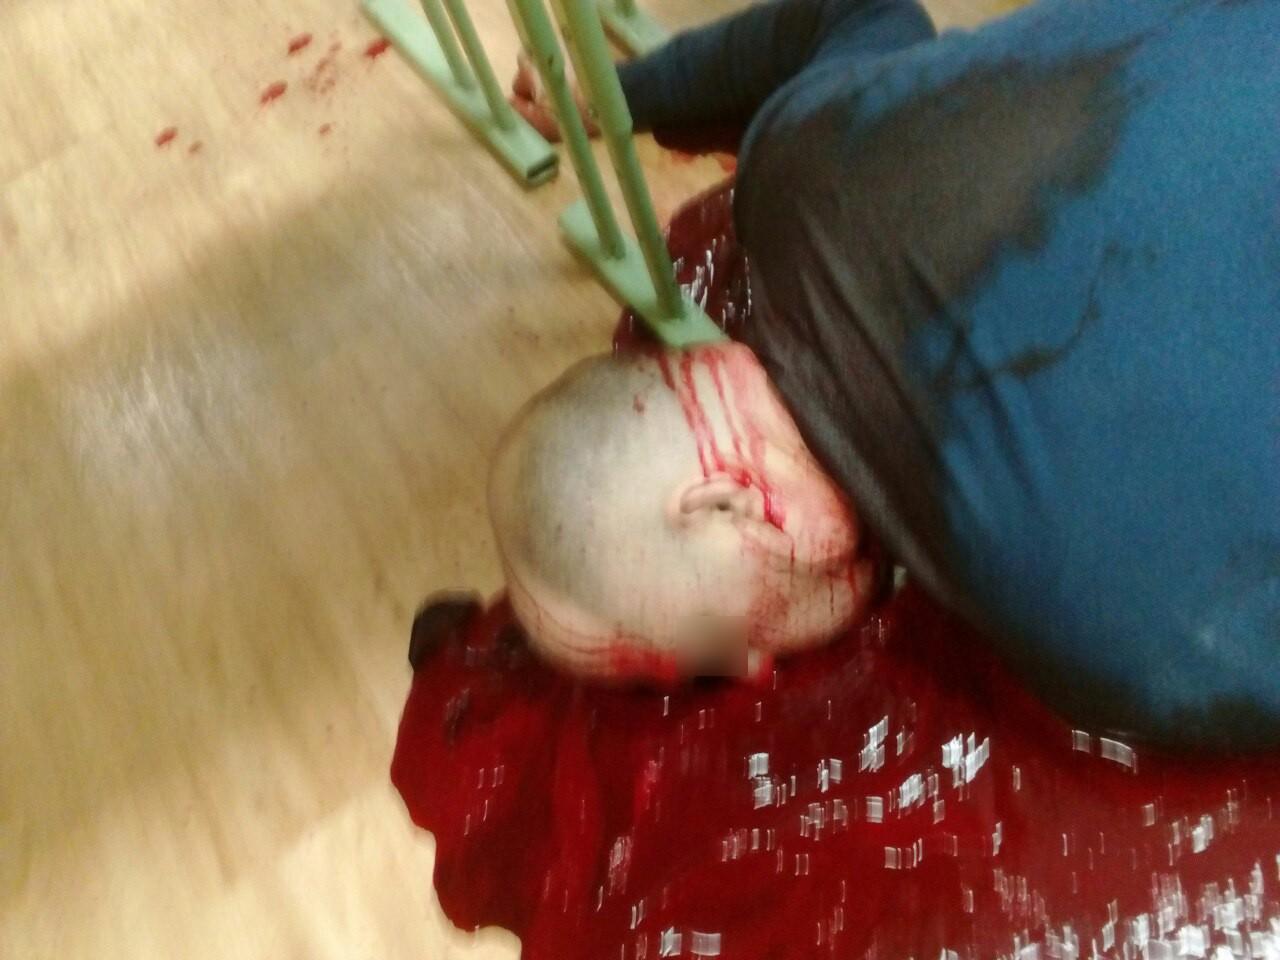 【閲覧注意】教師を殺害した大学生がアップした画像。常軌を逸してる・・・(画像)・5枚目